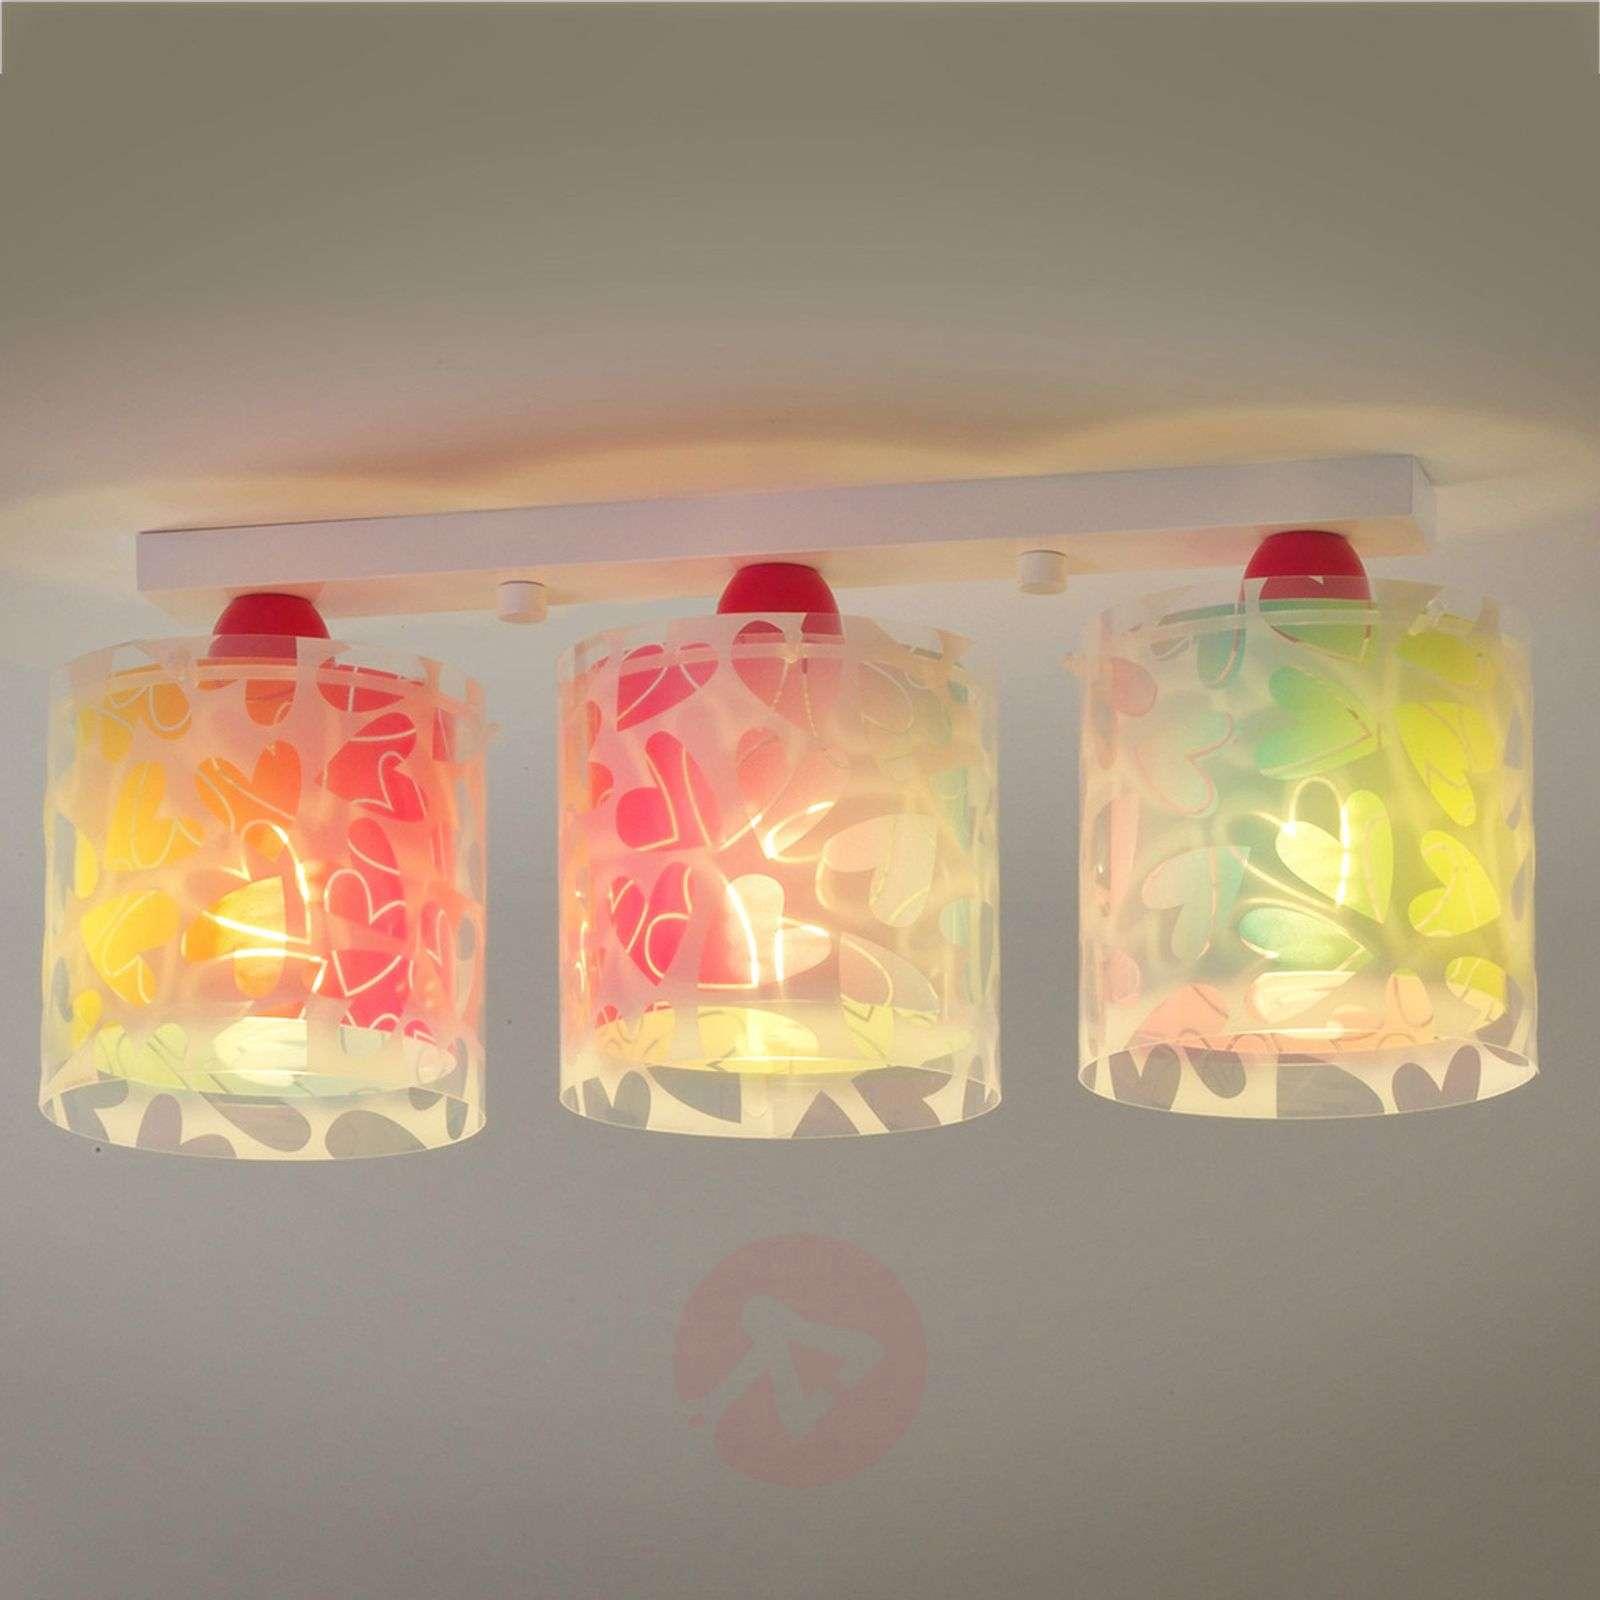 Värikäs lastenhuoneen sydänkattovalaisin Cuore-2507326-01